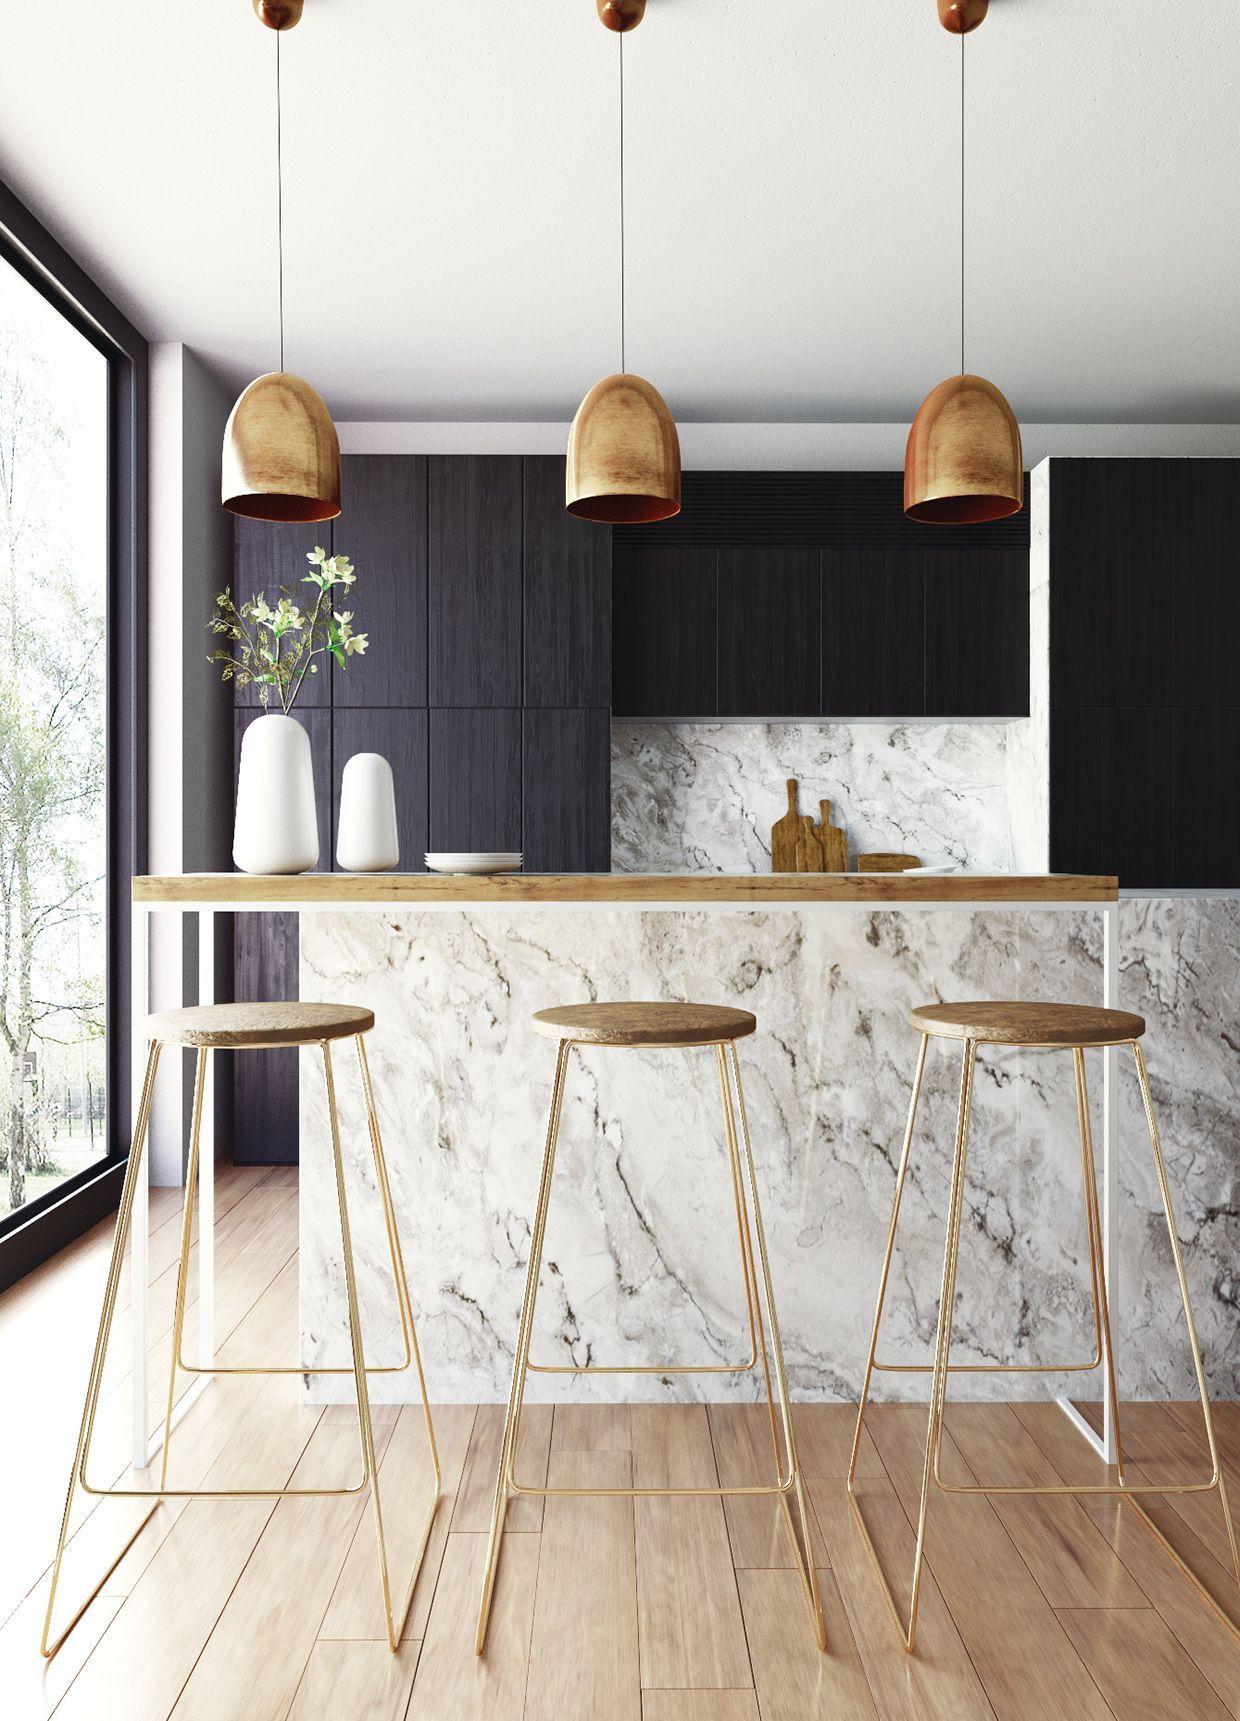 Kitchen inspiration ideas marble isle pendant lights ideas modern